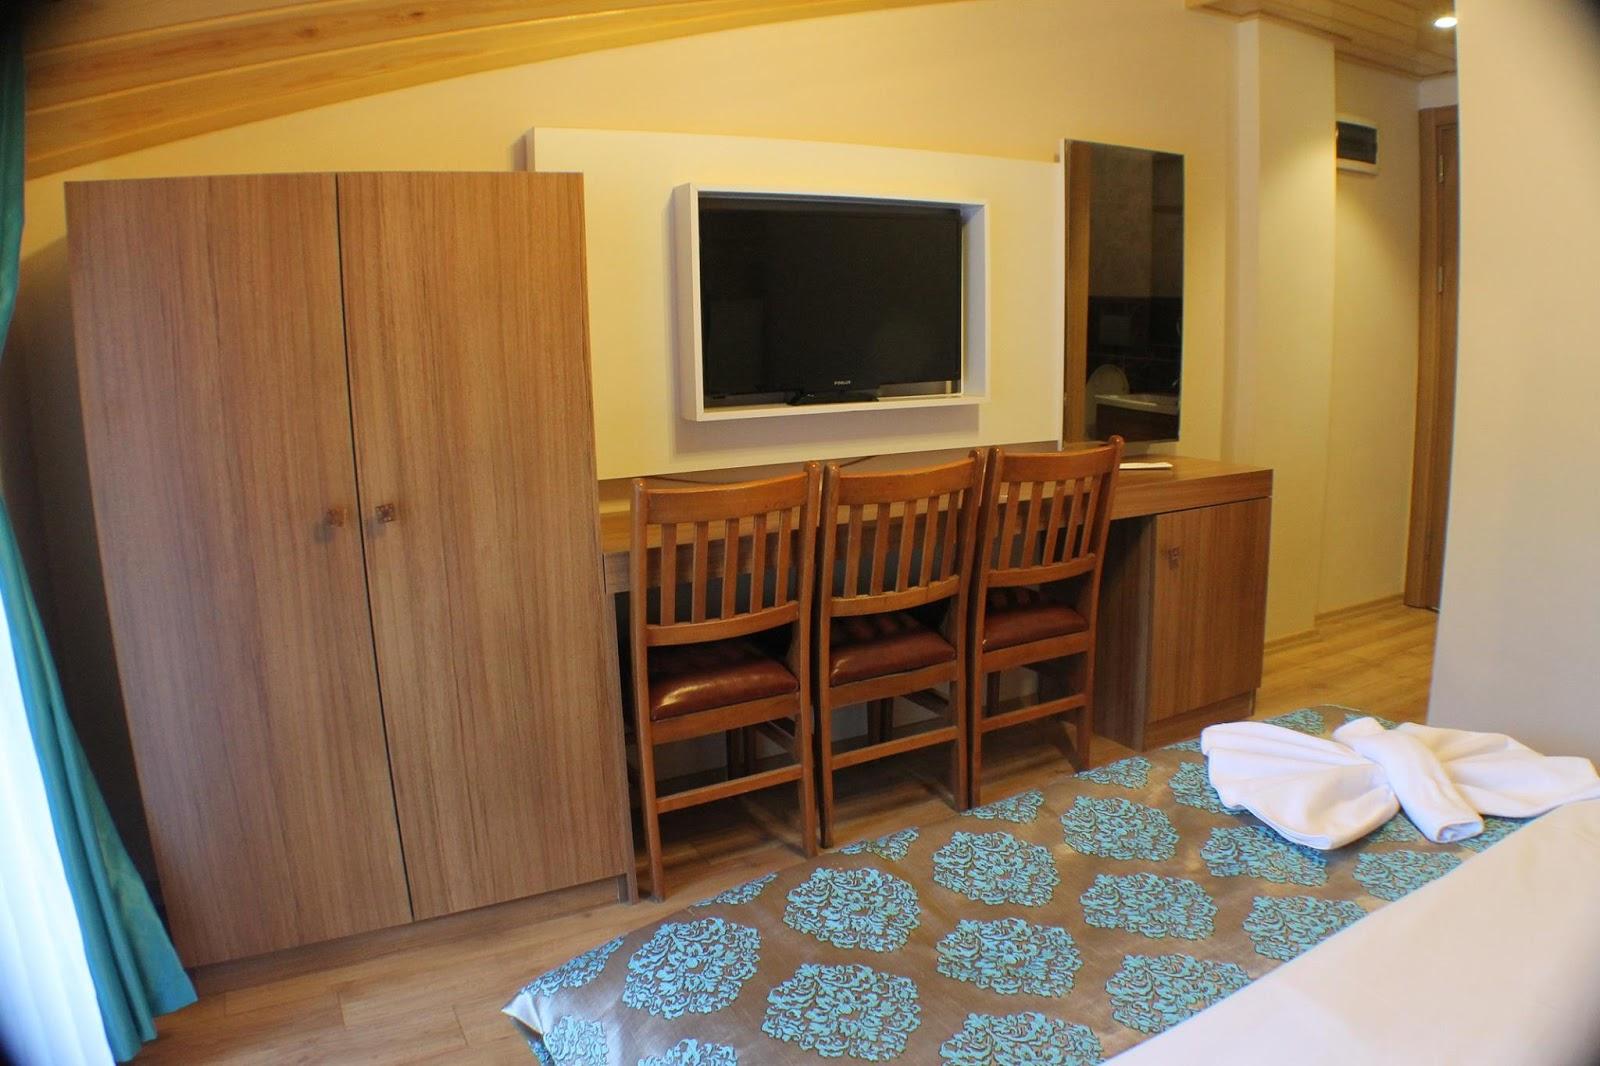 غرفة قياسية مزدوجة أو توأم مع شرفة